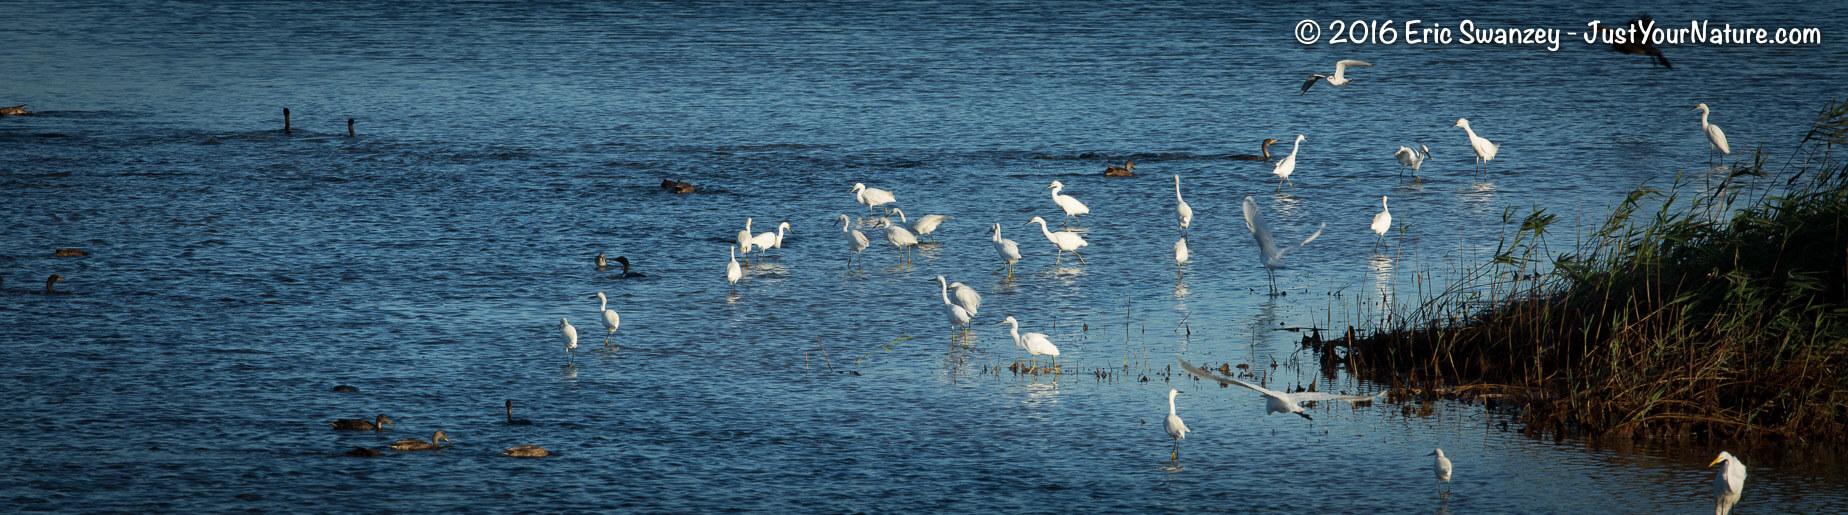 Snowy Egret, Parker River NWR, Plum Island, MA